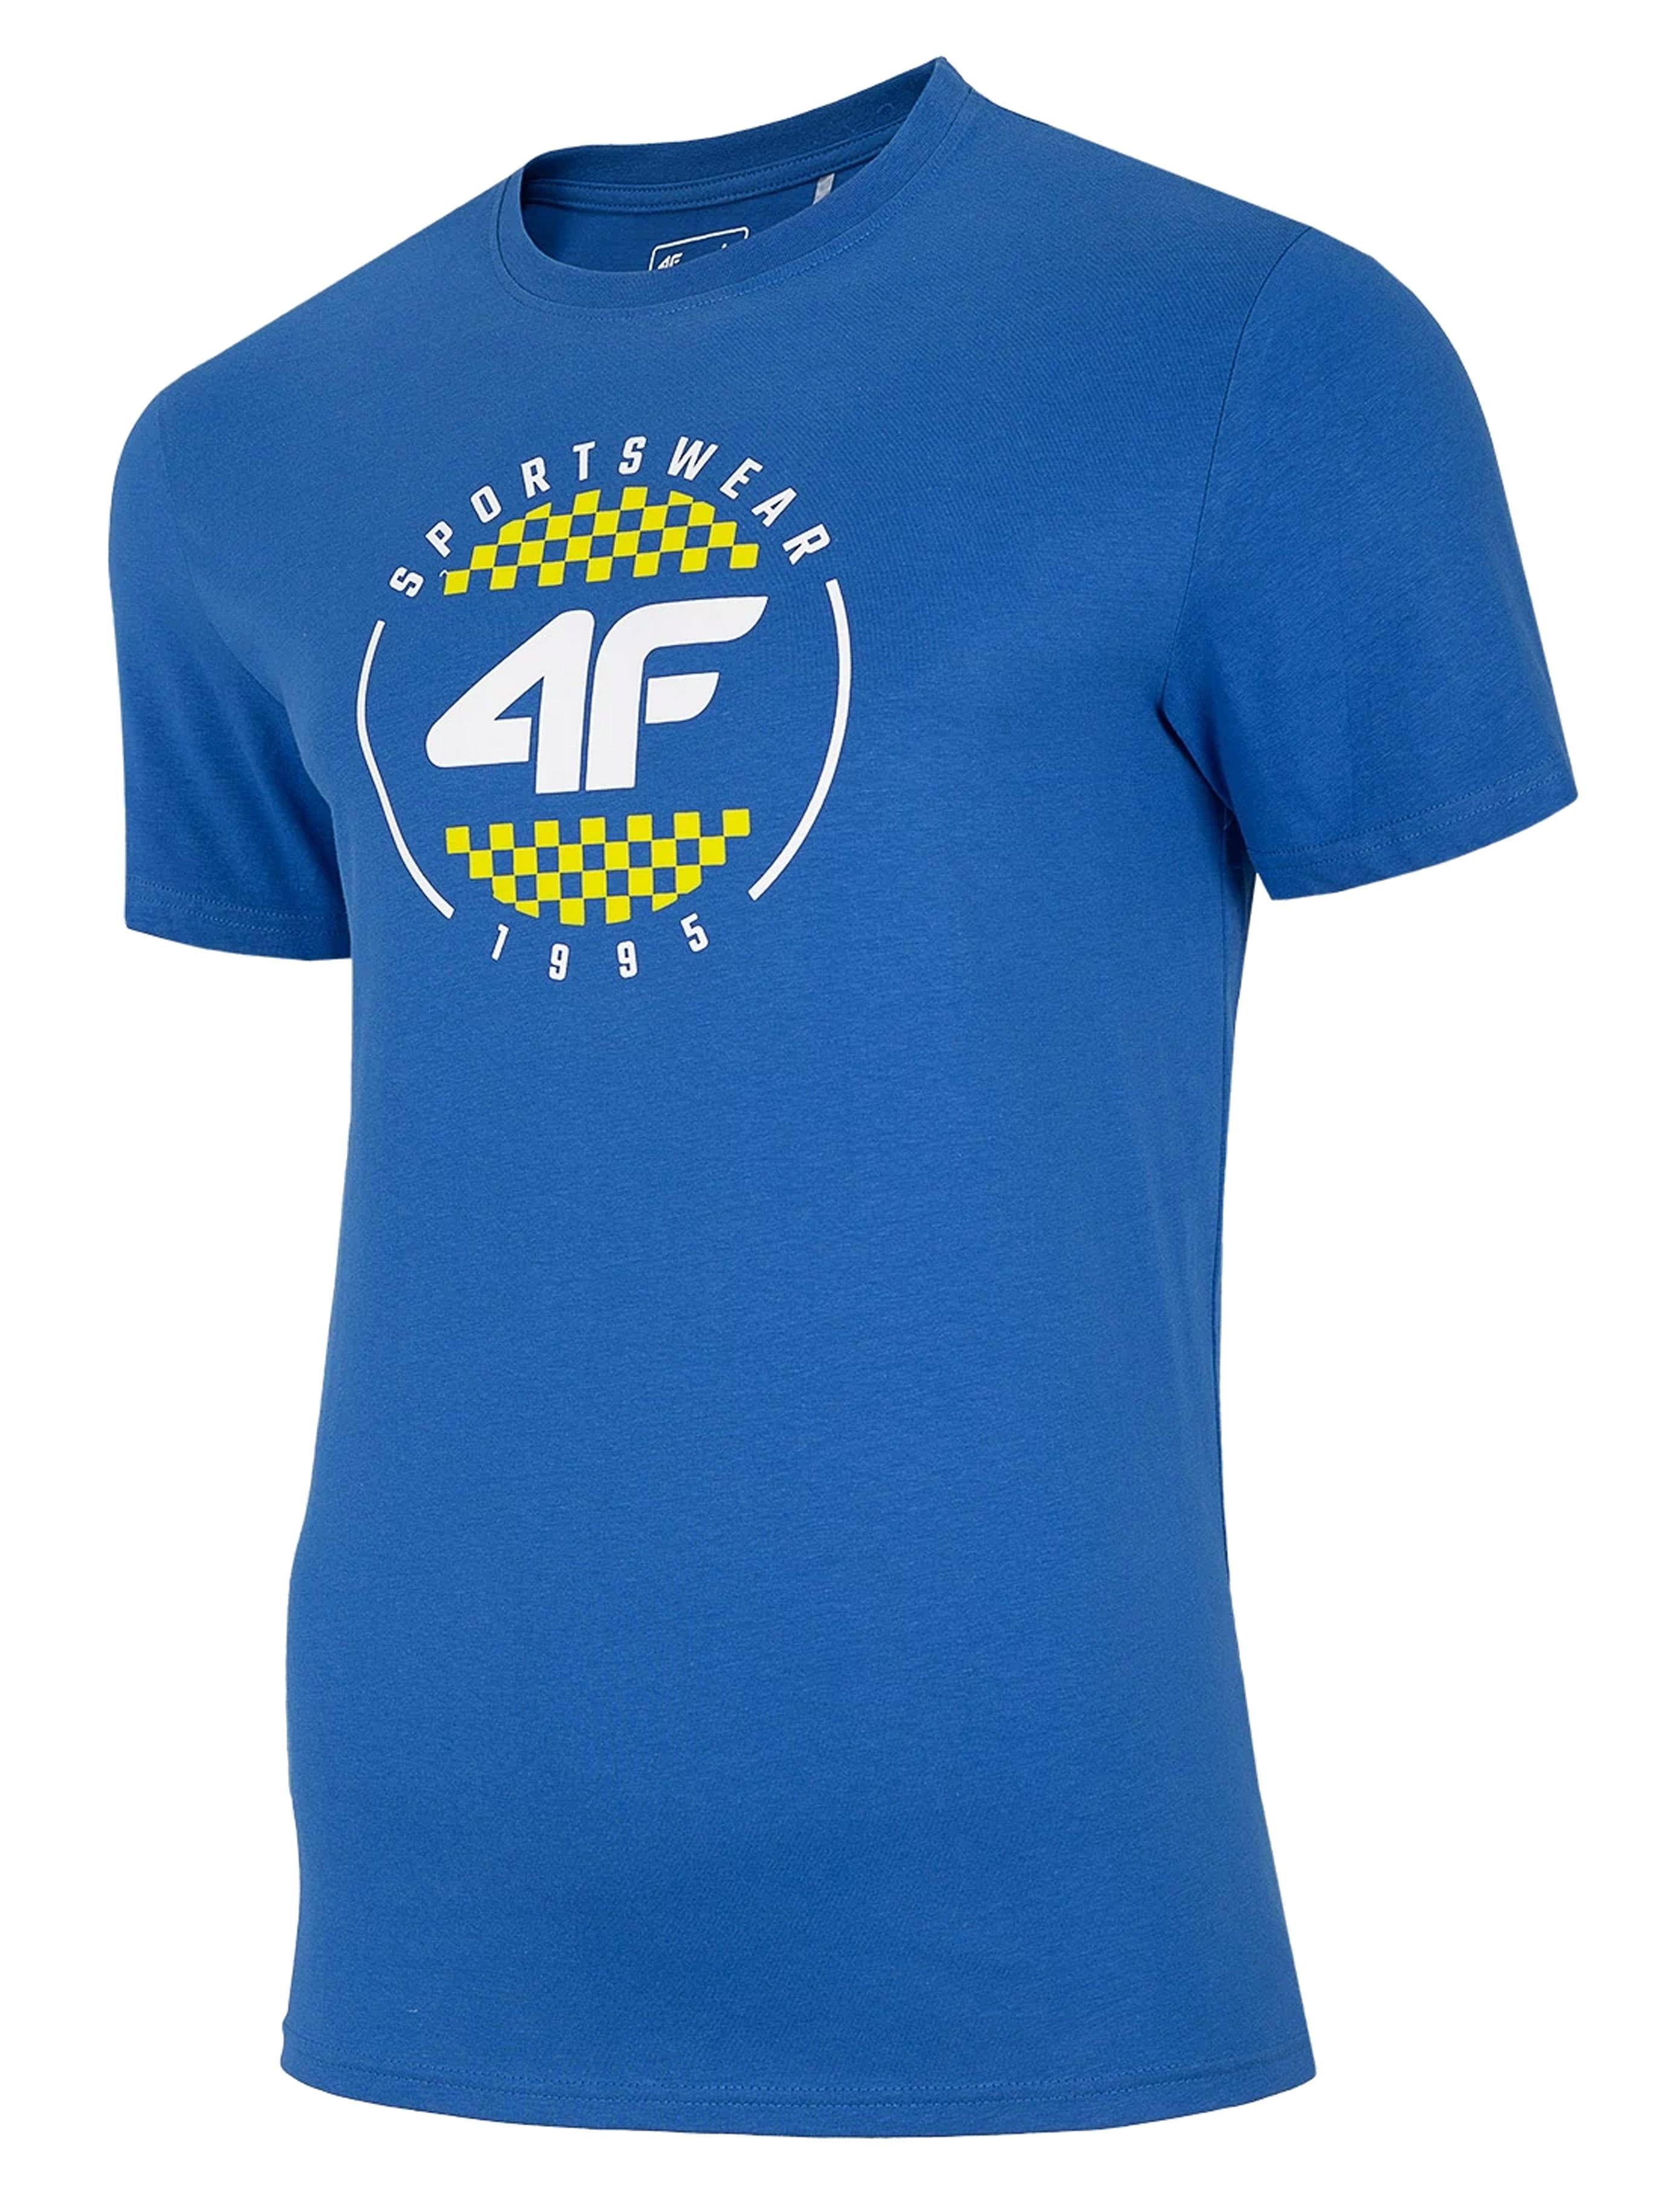 חולצת T פור אף לגברים 4F H4L20 TSM022 - כחול